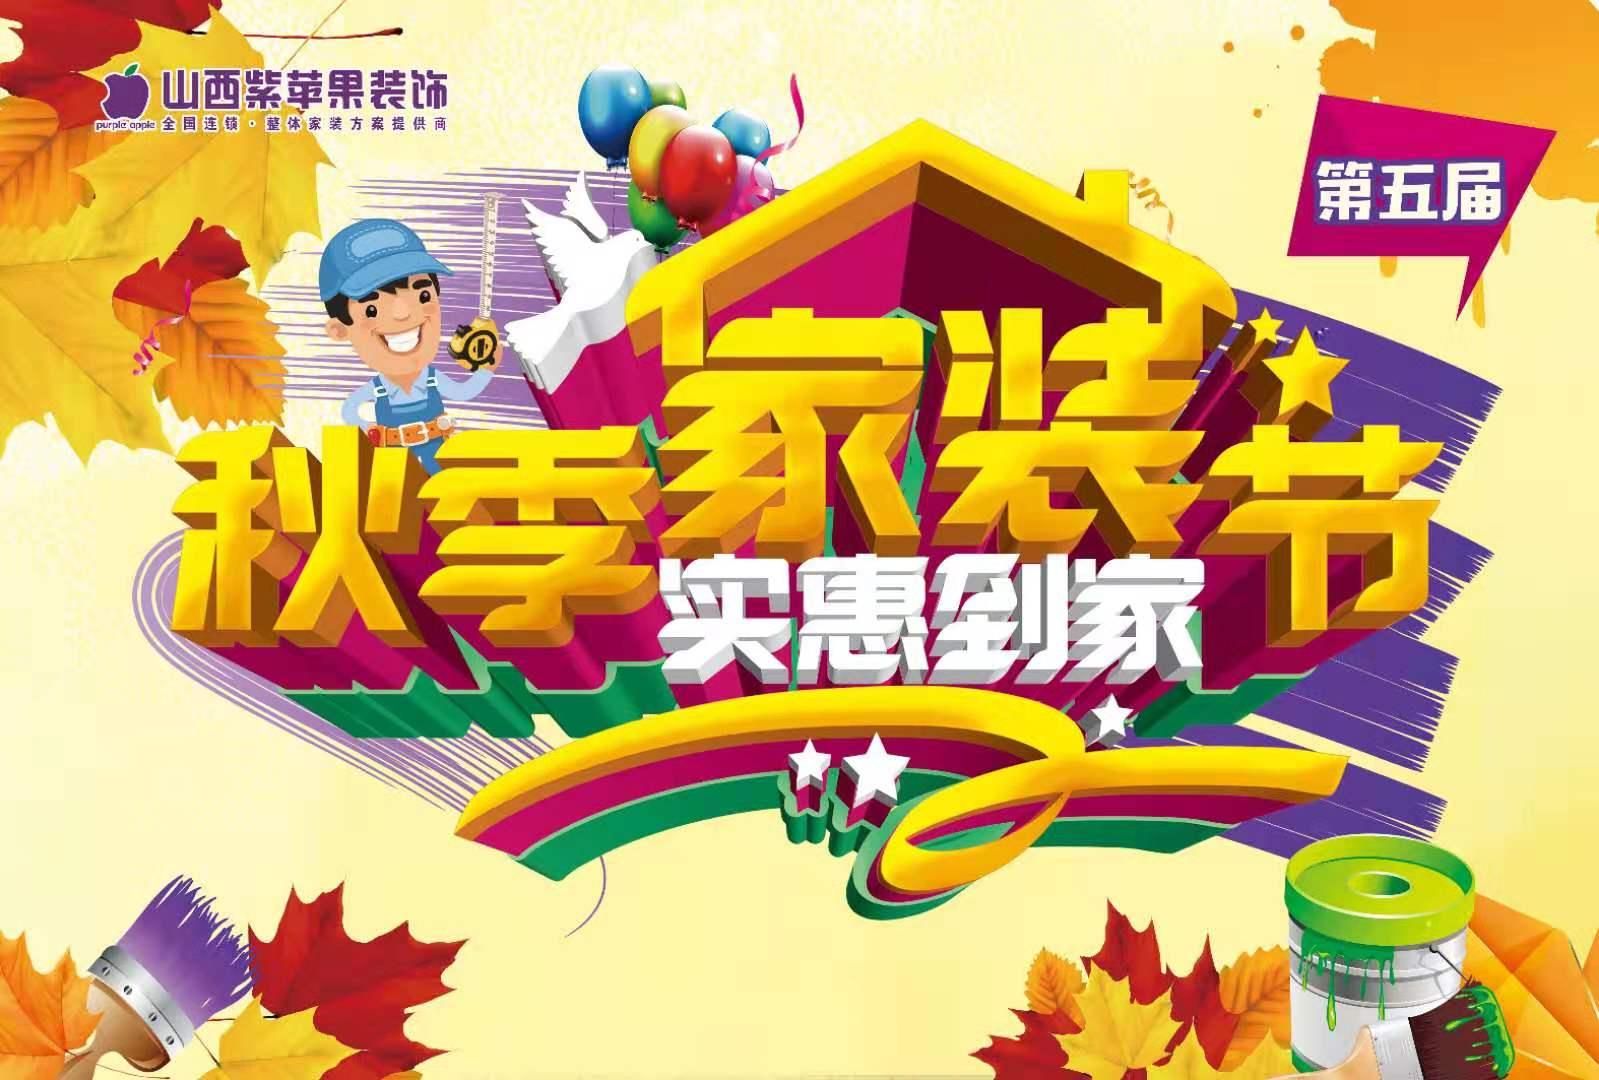 紫苹果装饰第五届秋季家装节,钜惠龙城